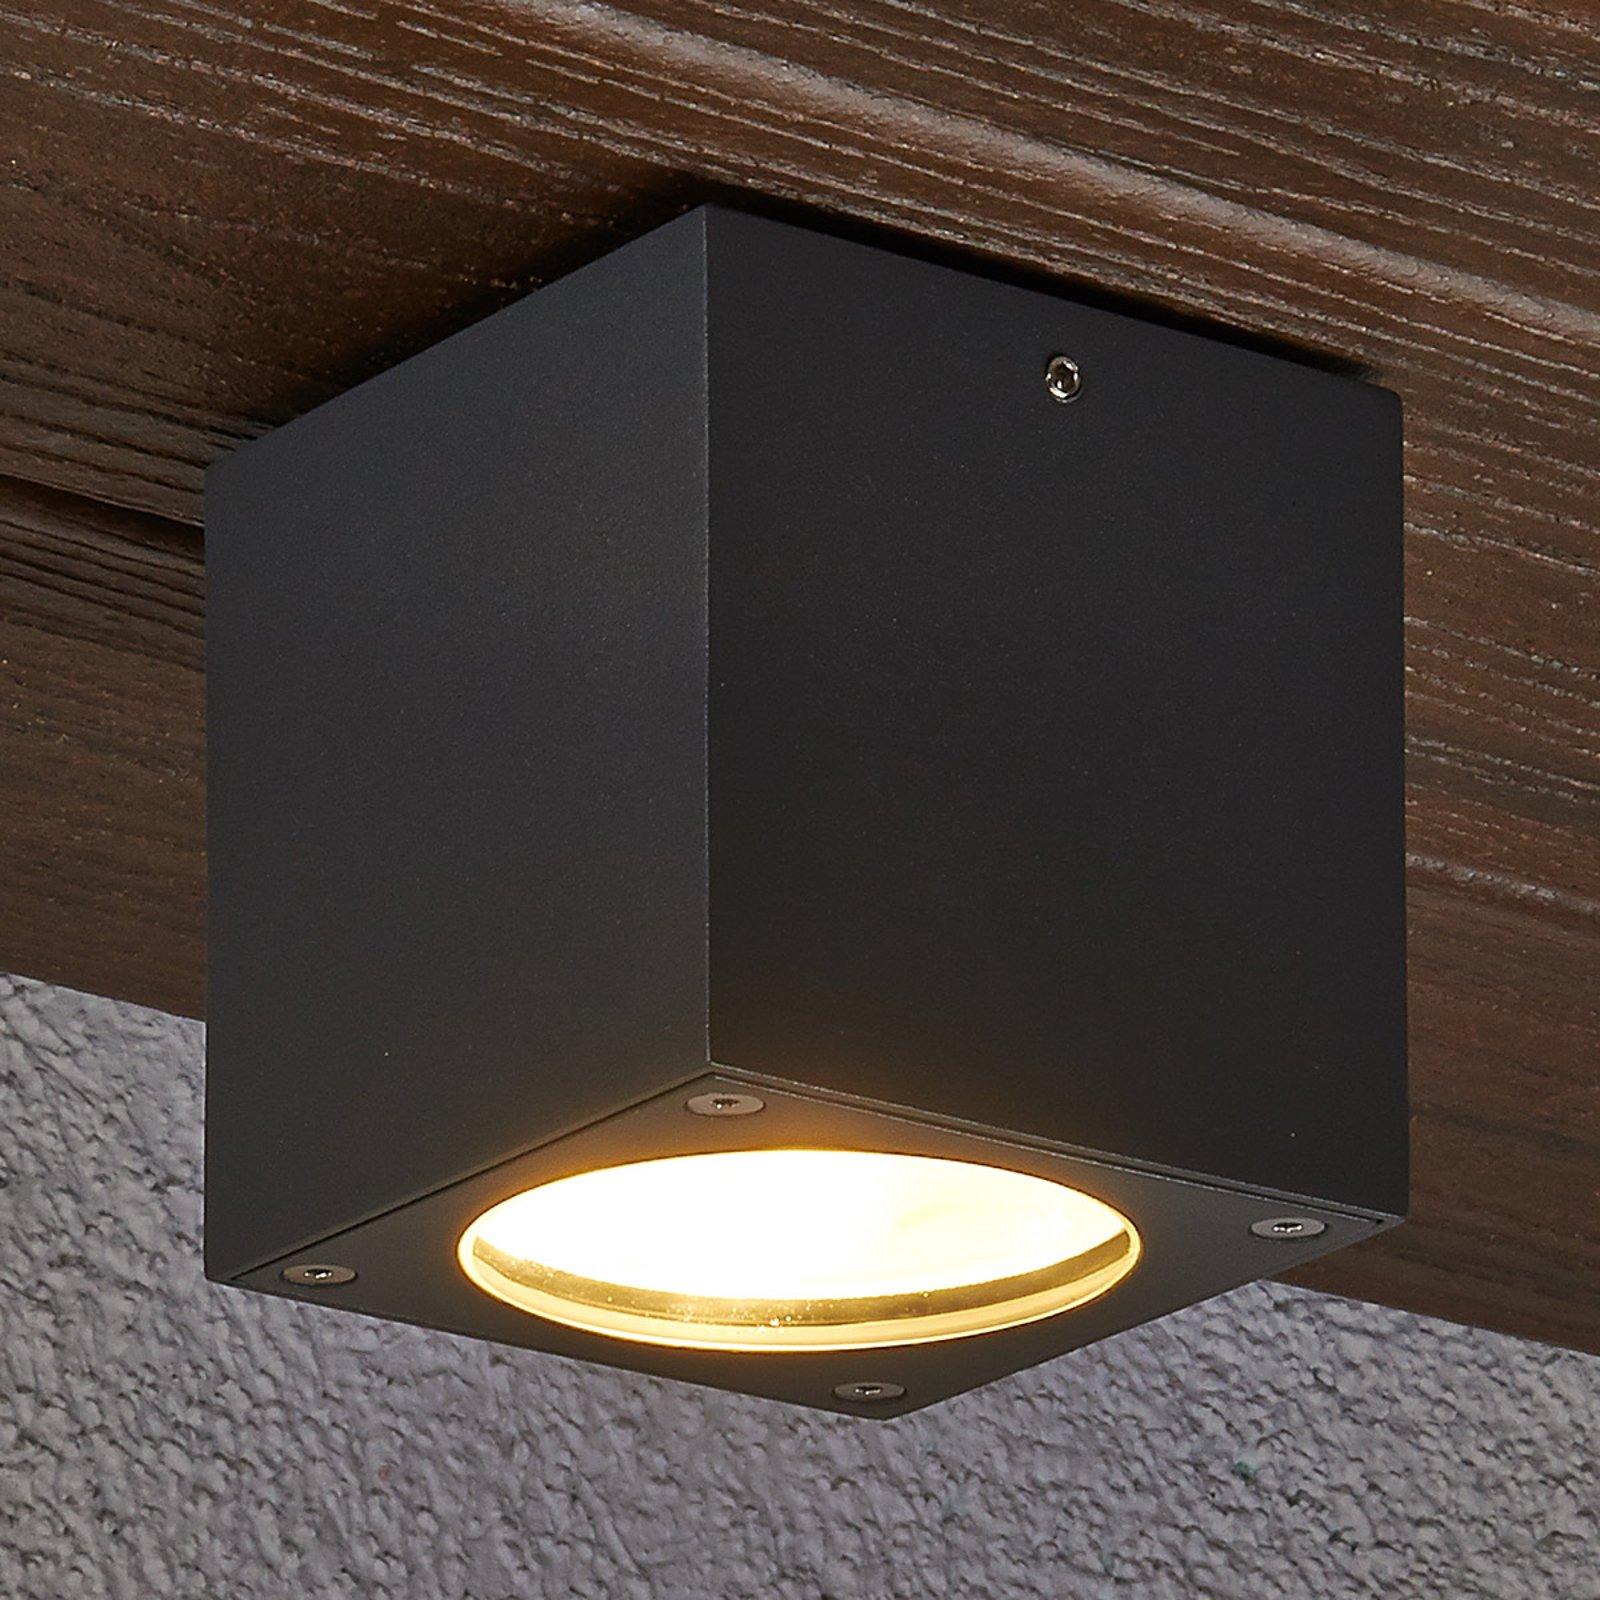 Kantet Meret LED-taklampe til utendørs bruk